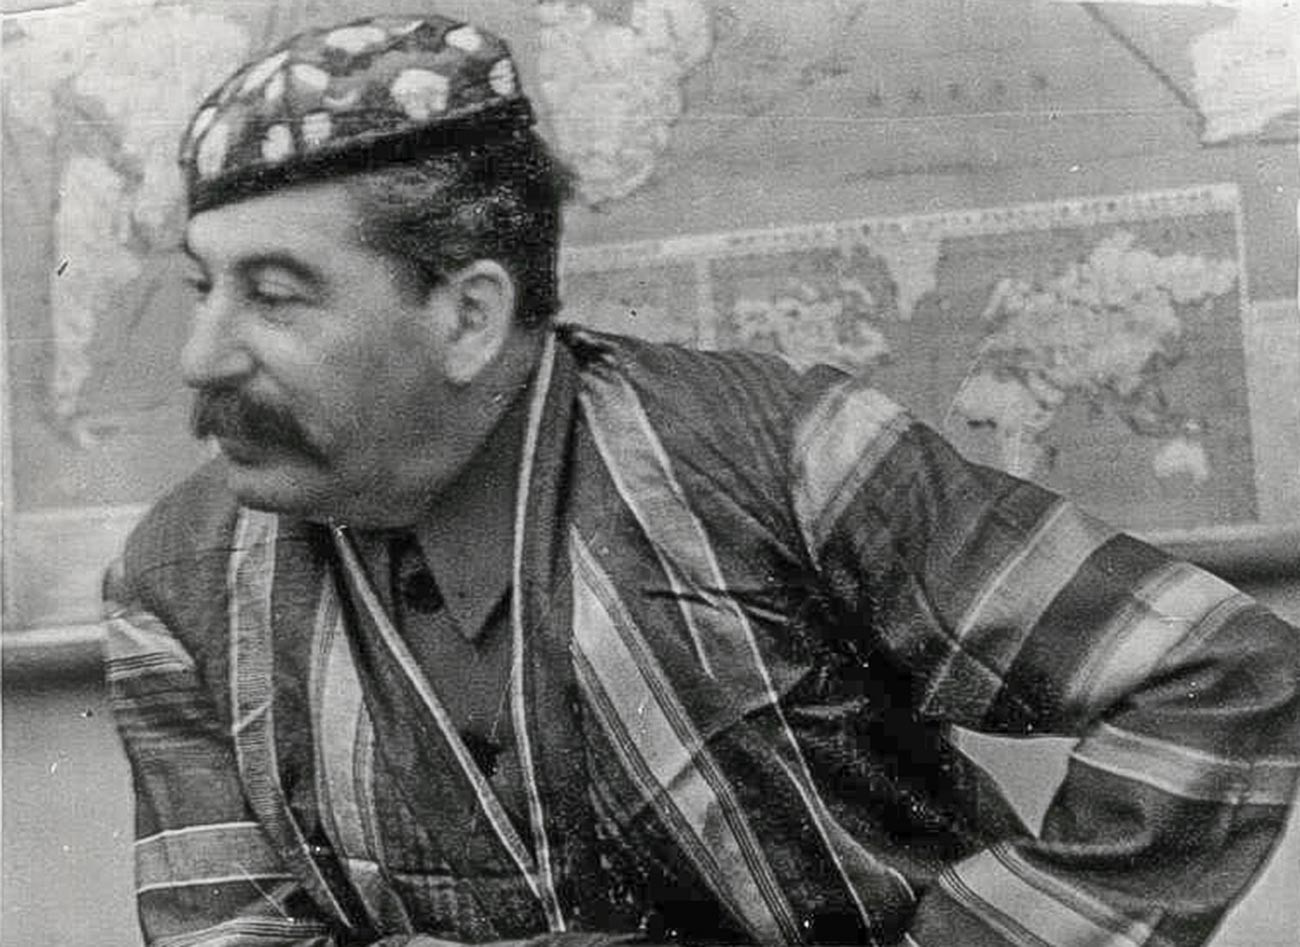 Иосиф Сталин в узбекской национальной одежде, 1930-е годы.